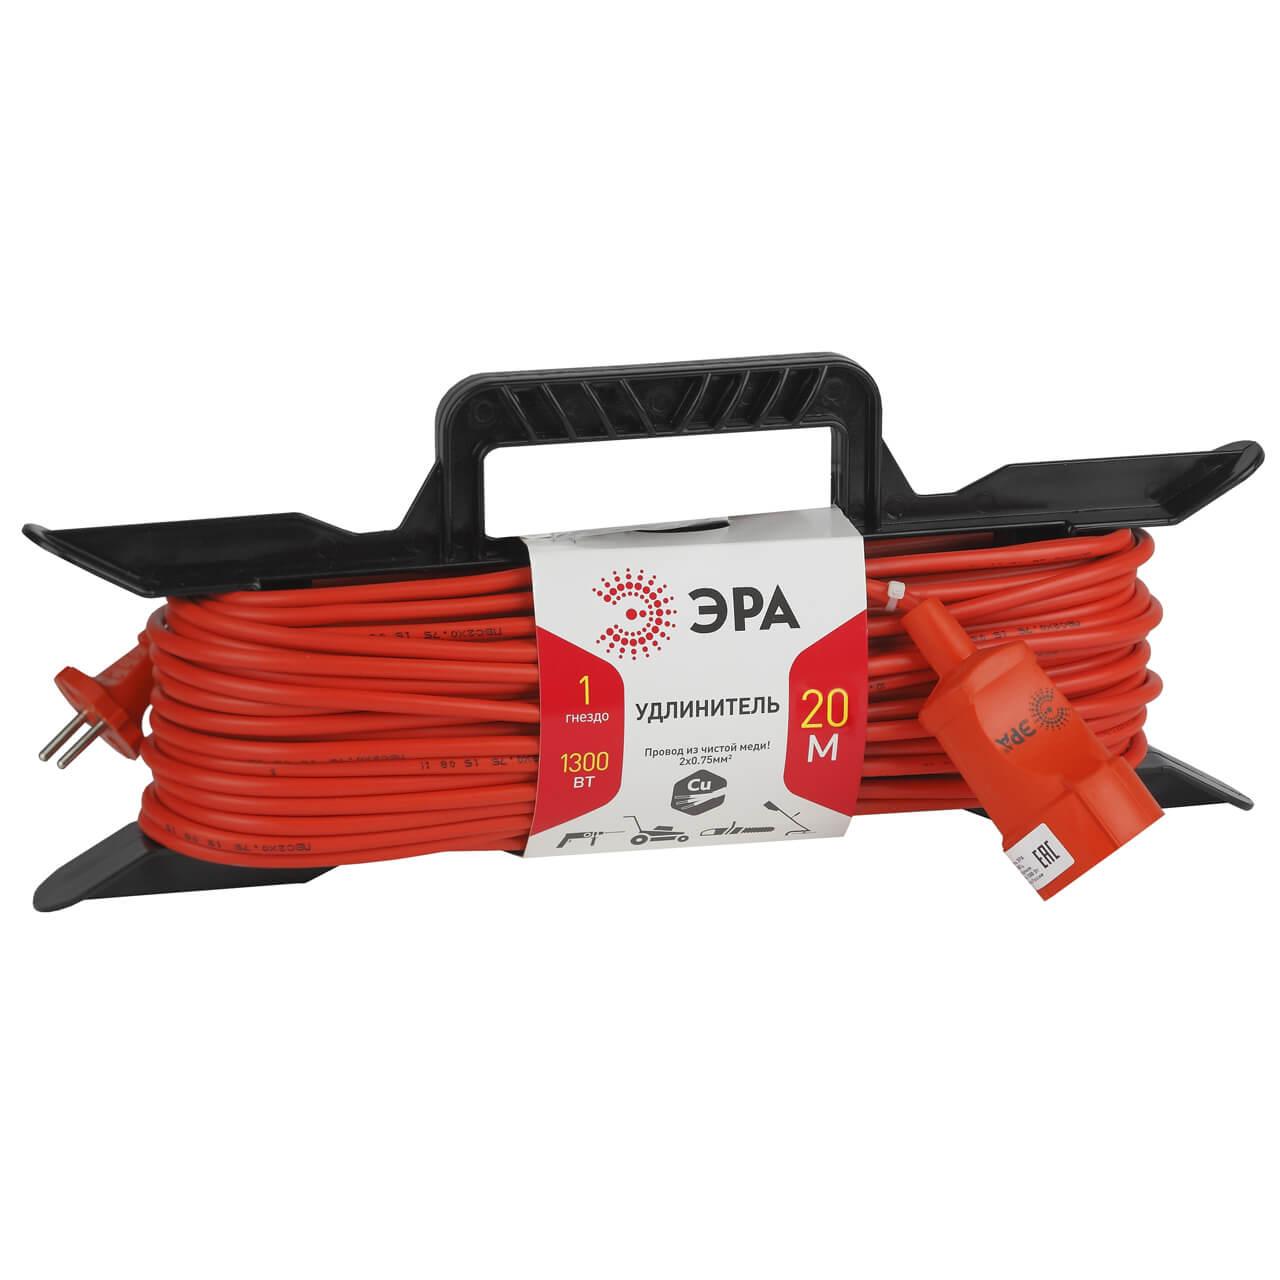 цены на Удлинитель ЭРА UF-1-2x0.75-20m  в интернет-магазинах